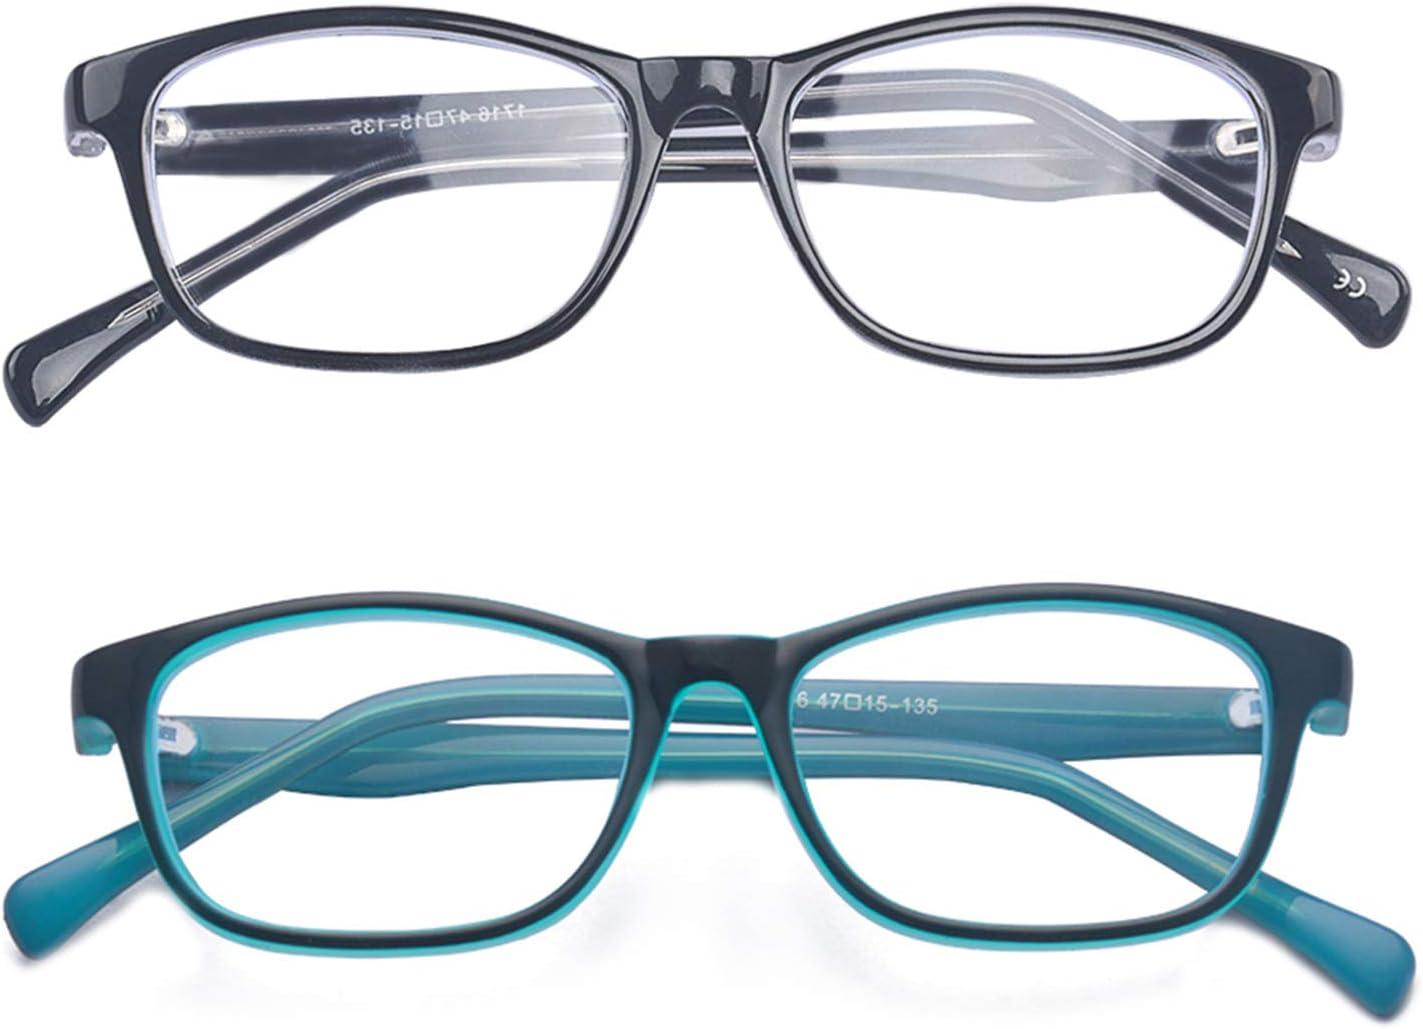 ALWAYSUV 2 Pack Boys Girls Blue Light Blocking Glasses Square Eyeglasses Anti Blue Ray Computer Game Glasses for Kids (Blue+Black)